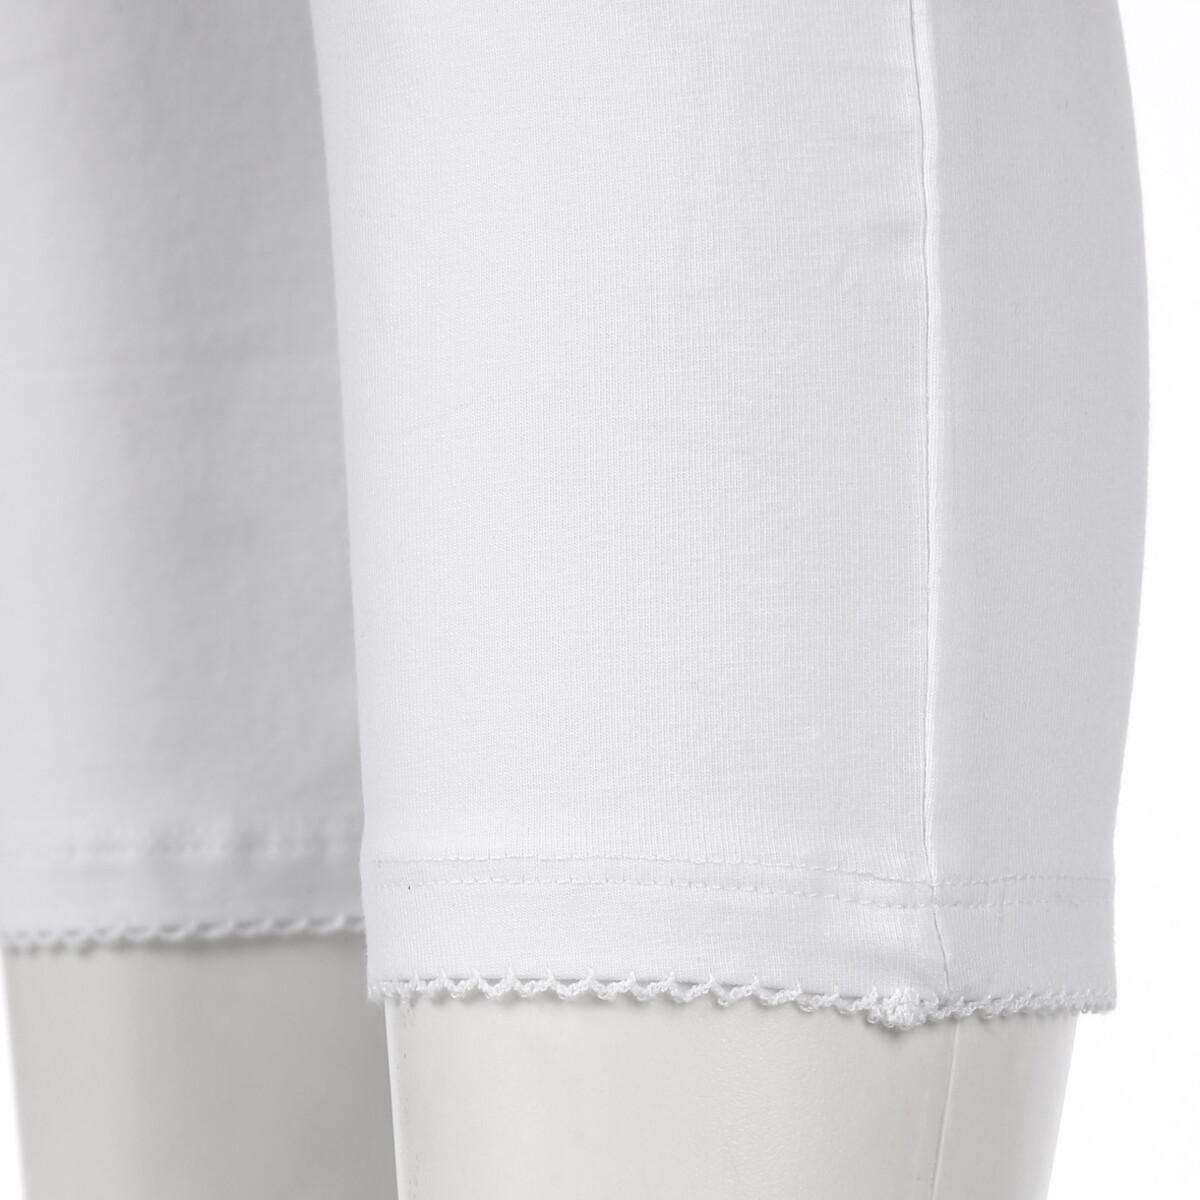 Bild 3 von Damen Capri Leggings mit Mausezähnchenabschluss